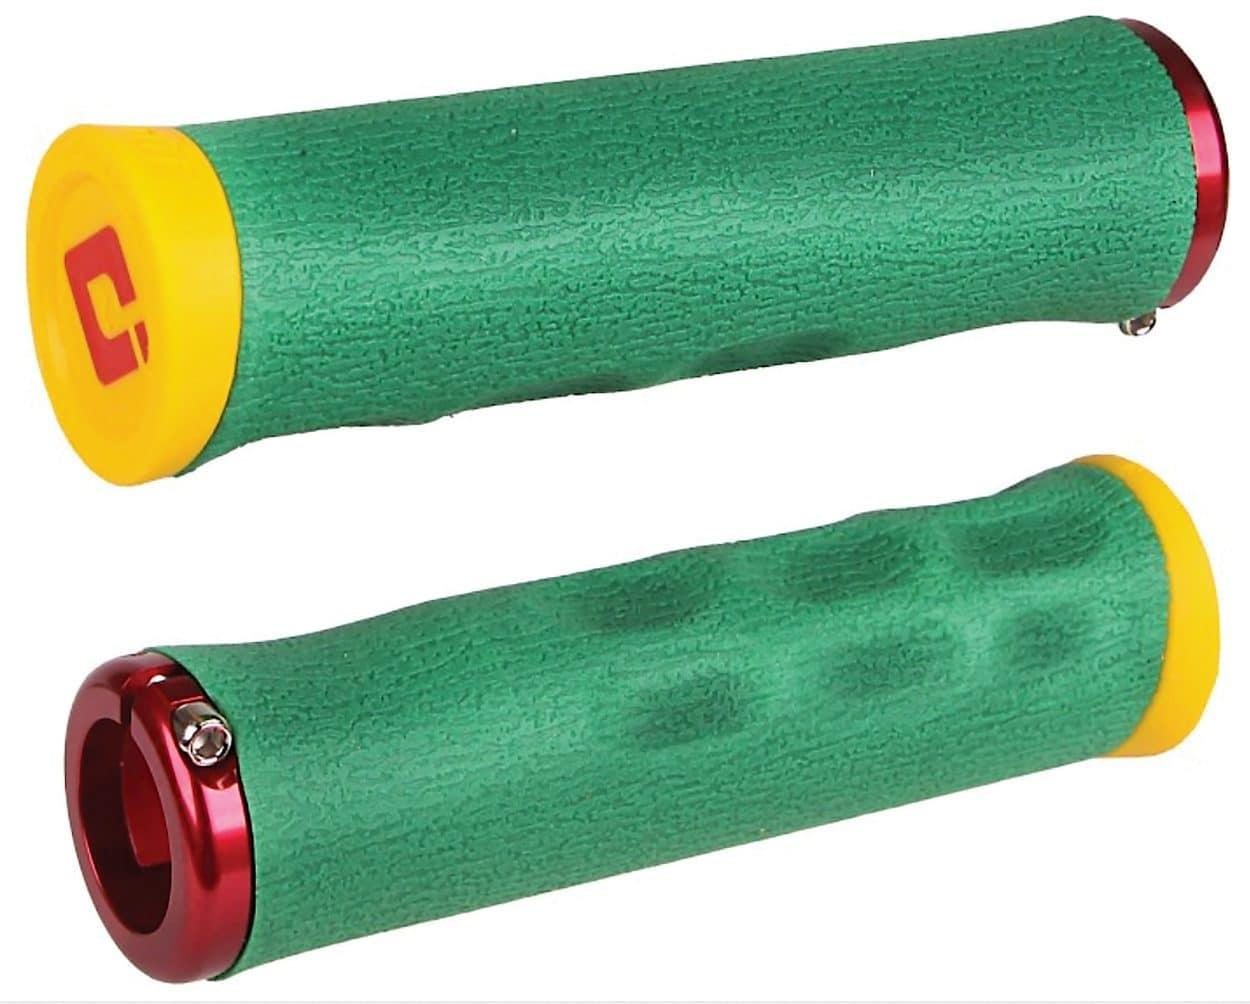 Гріпси ODI Tinker Juarez Dread Lock Grip Rasta w/Red clamp (раста з червоними замками)